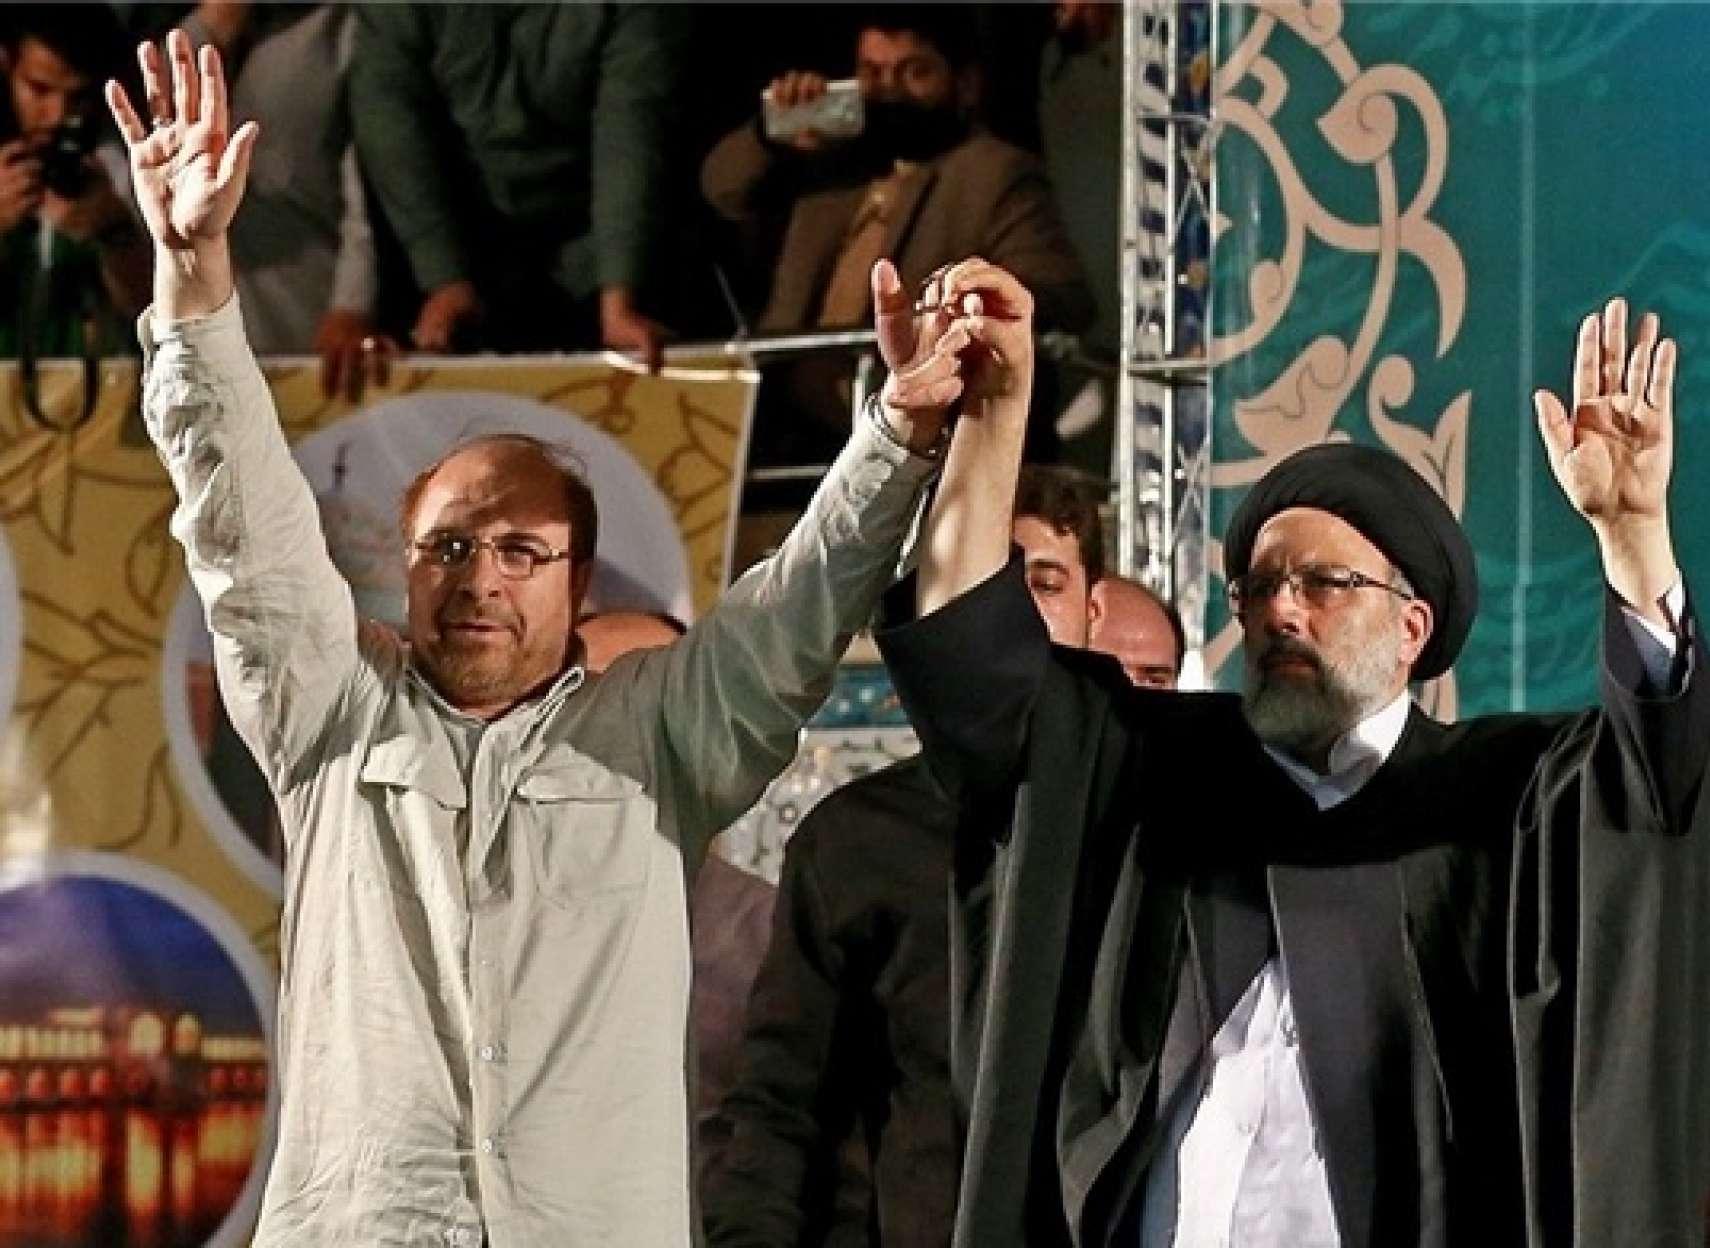 مهندسی-گام-به-گام-راس-ساختار-قدرت-در-جمهوری-اسلامی-برای-انتخاب-رهبر-سوم